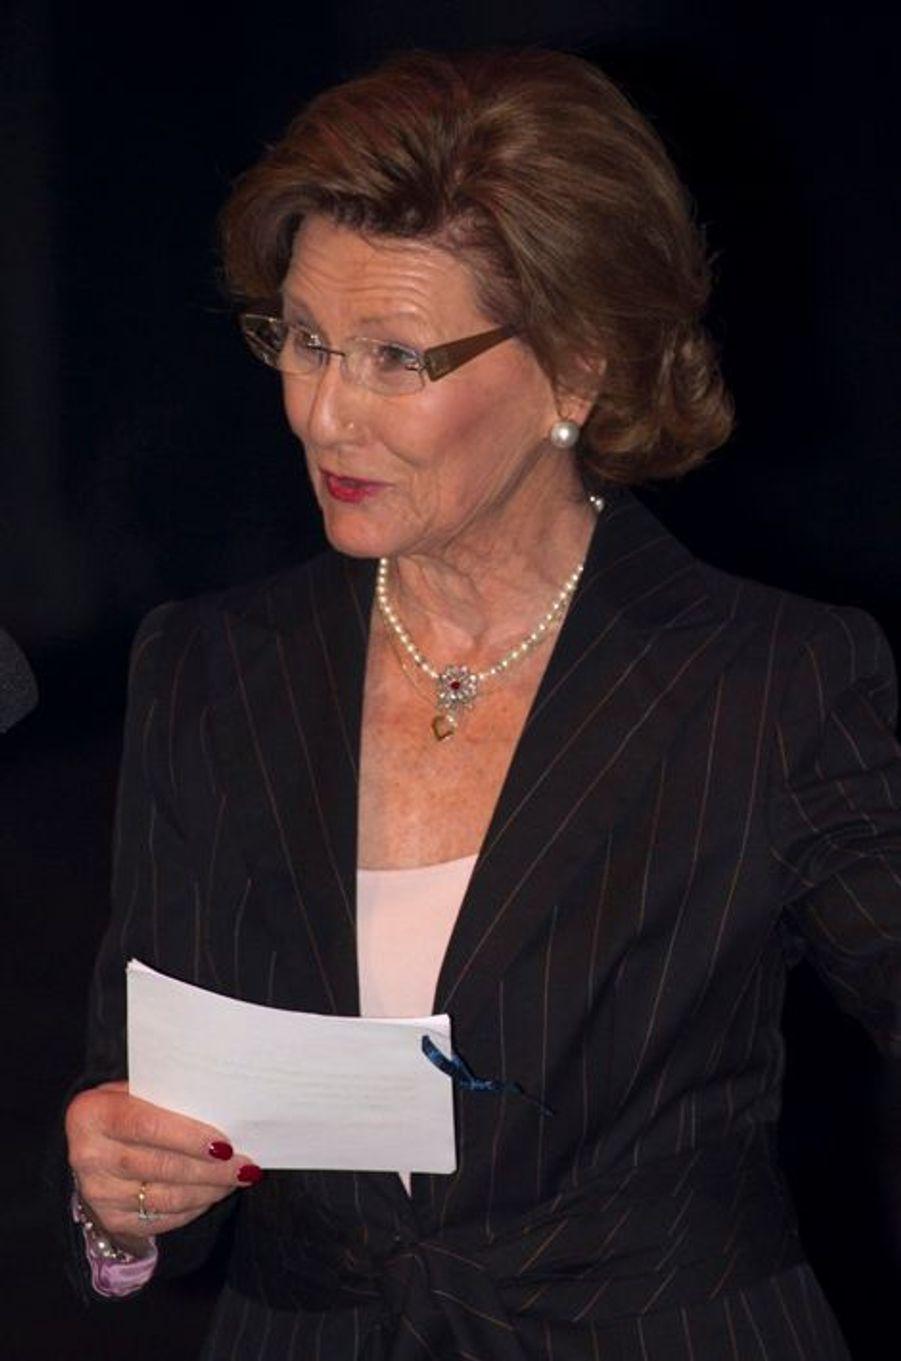 La reine Sonja de Norvège au Musée olympique norvégien à Lillehammer, le 11 février 2016